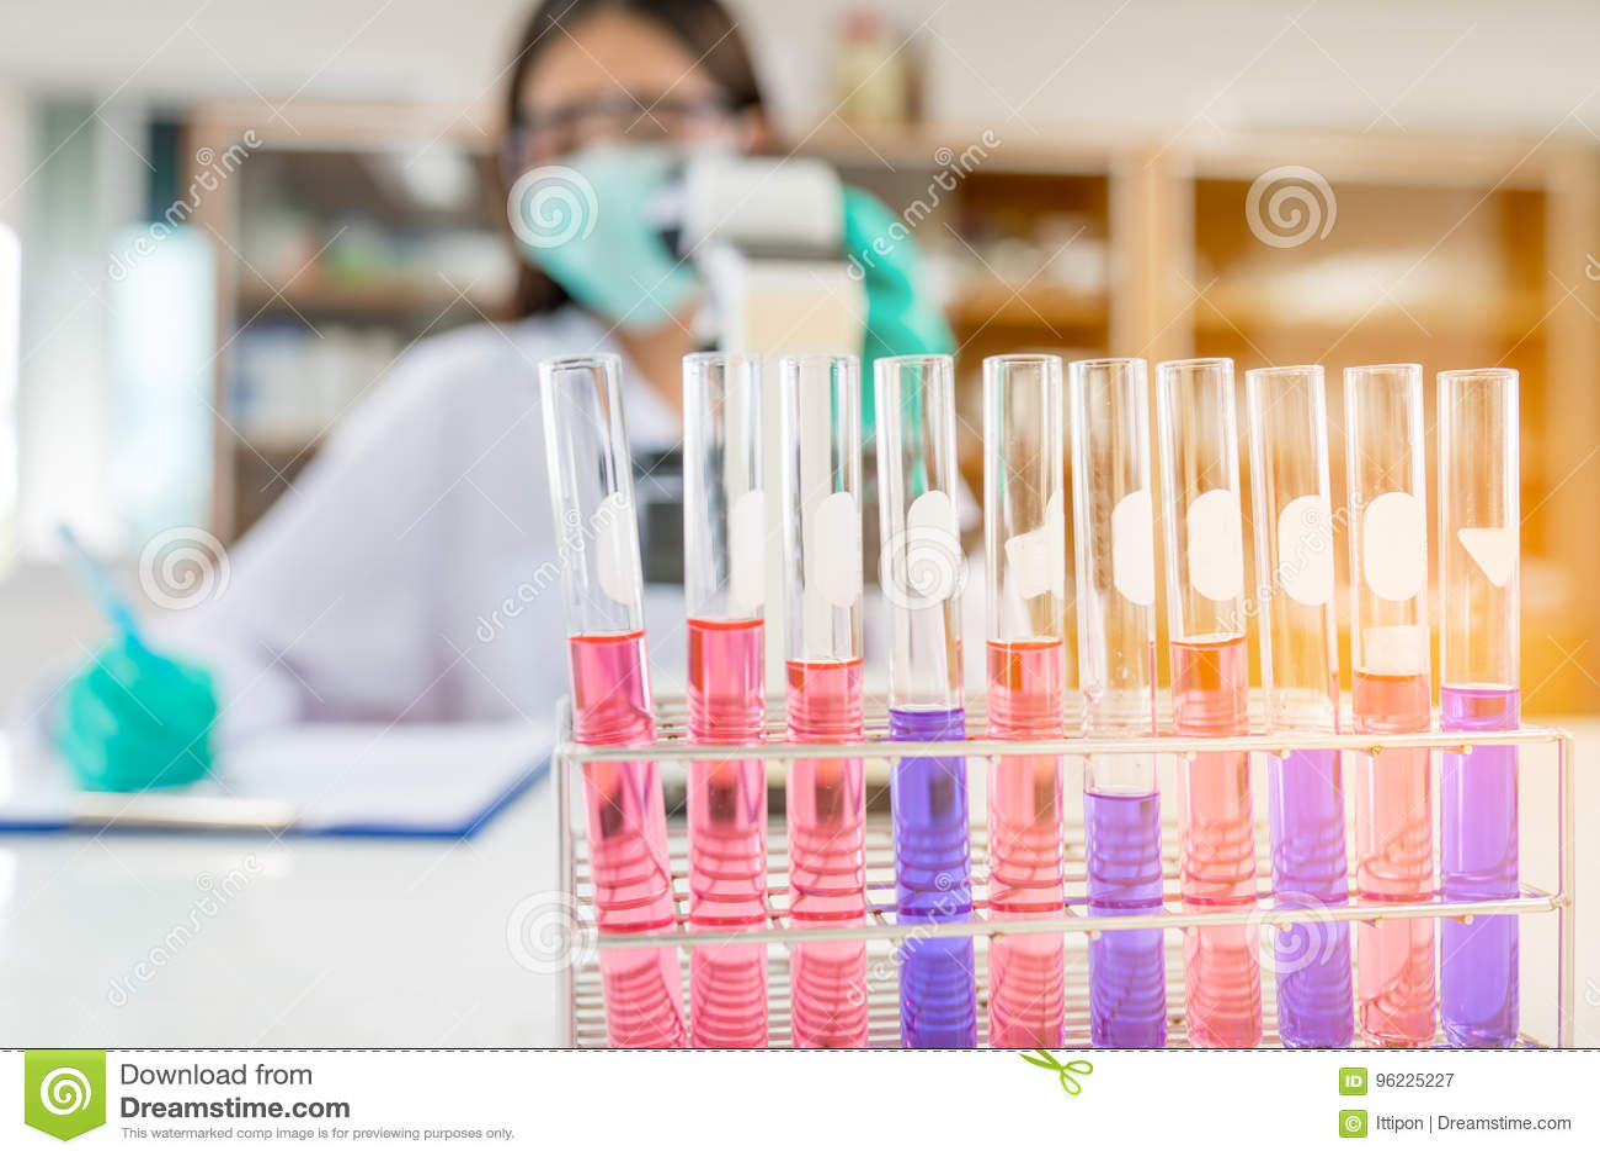 Biologie arbeiten businessplan schreiben lassen